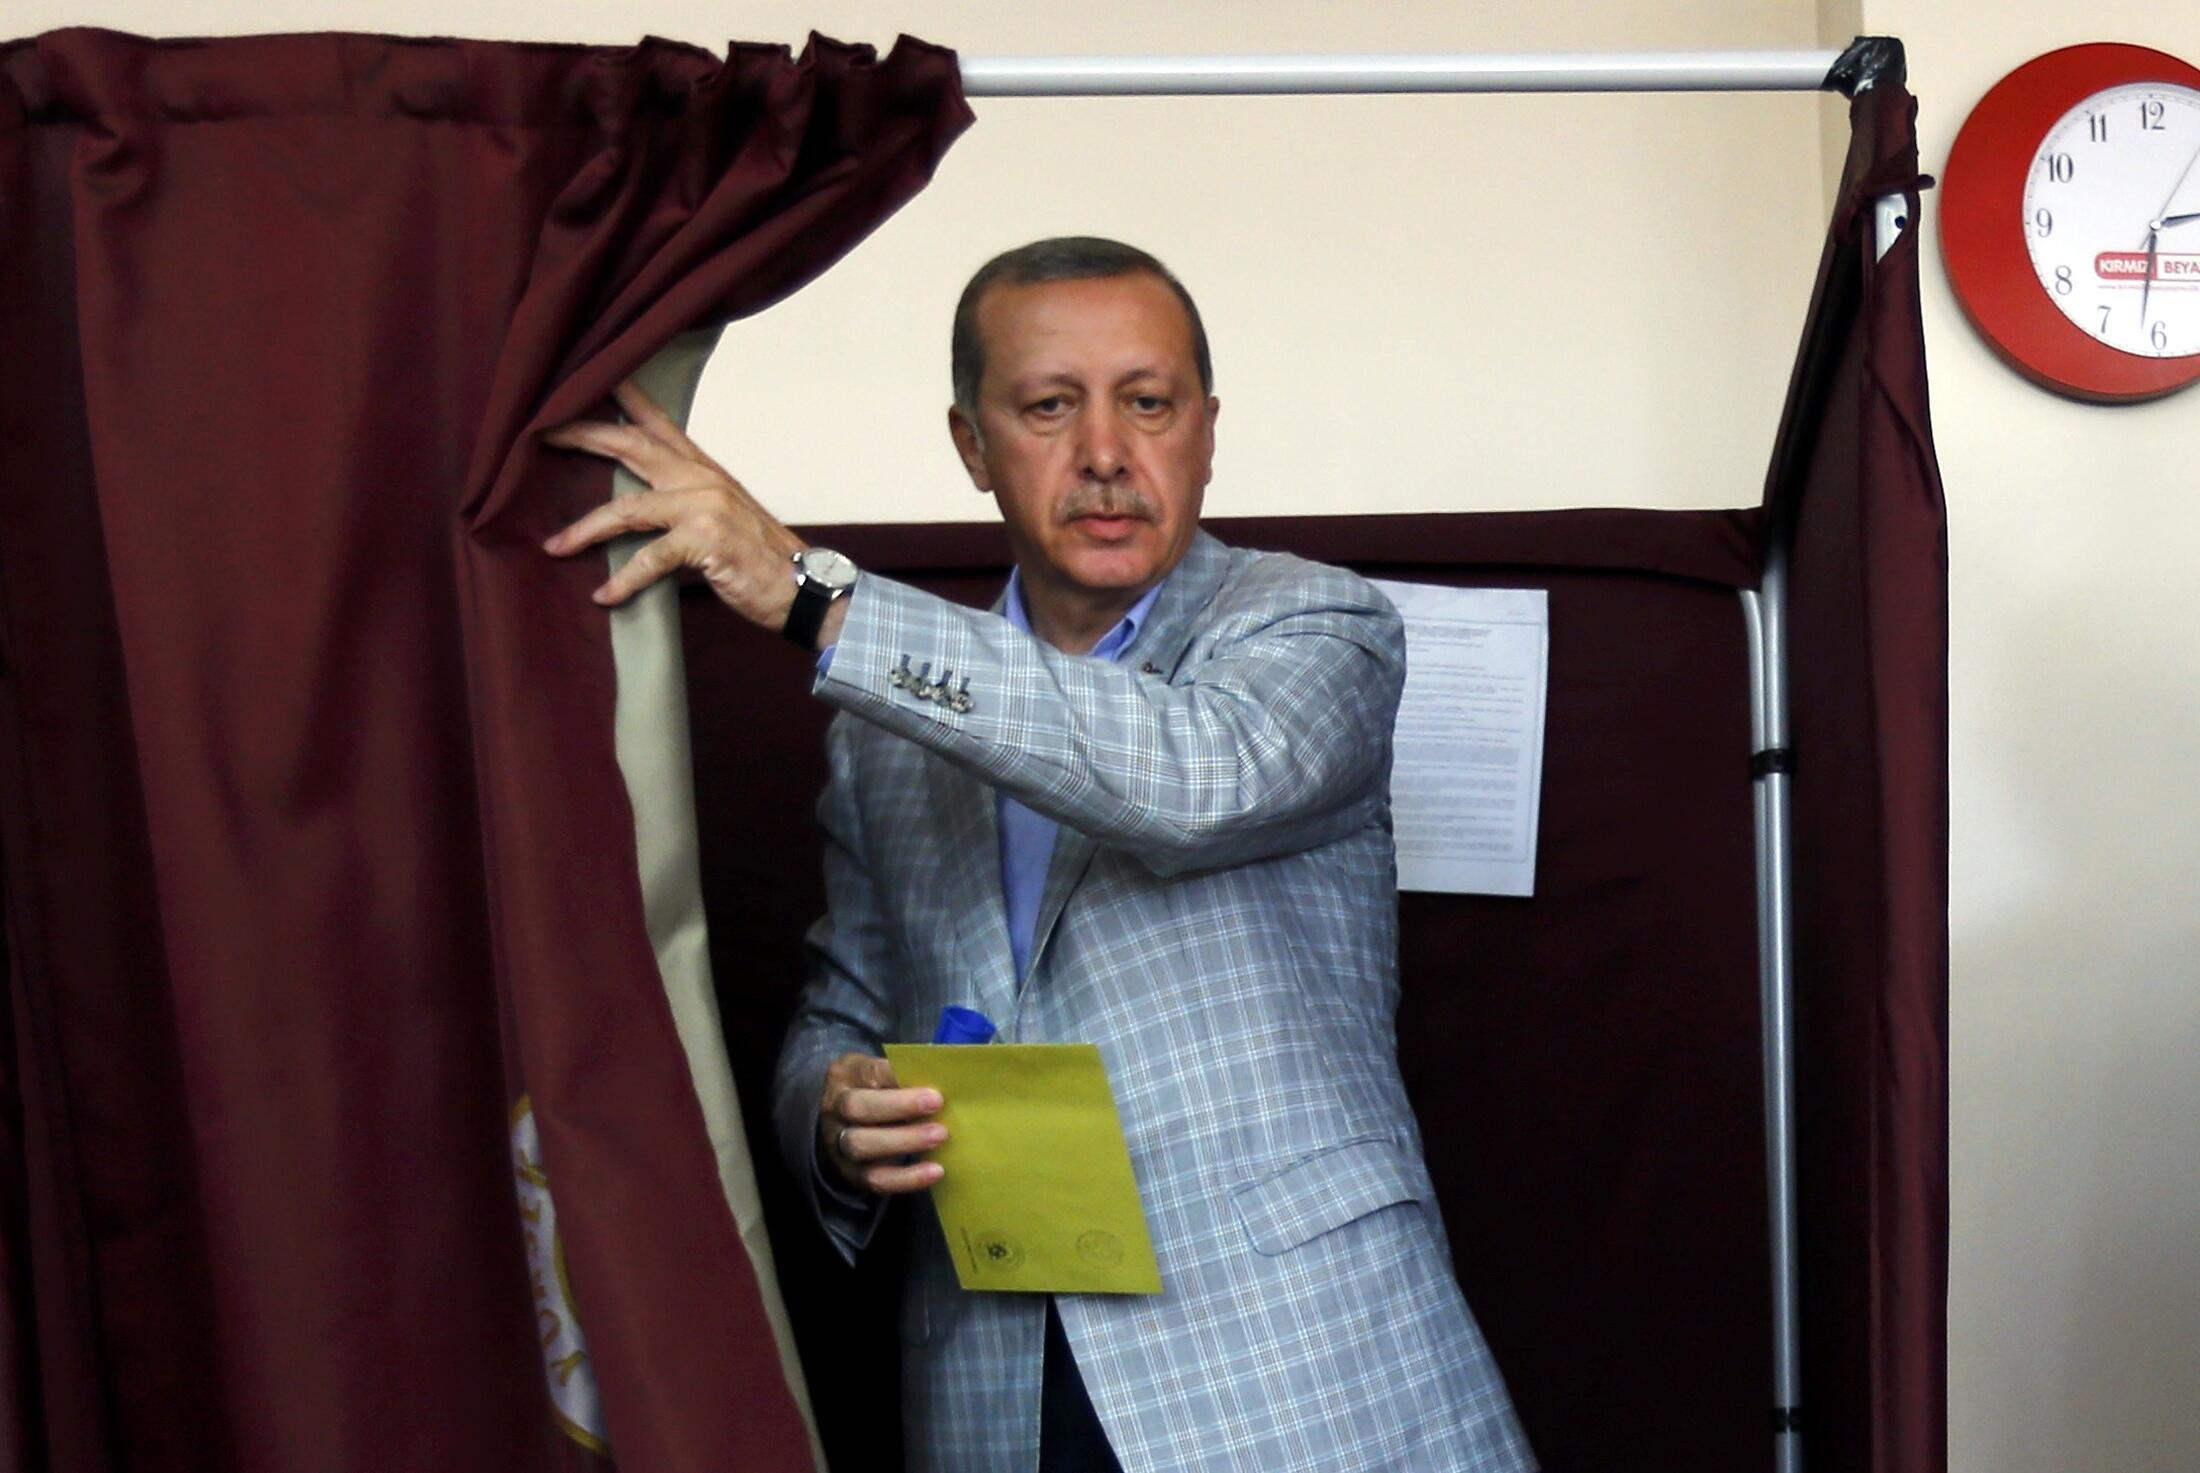 O primeiro ministro turco, Recep Tayyip  Erdogan, em cabine eleitoral no primeiro turno da eleição presidencial.